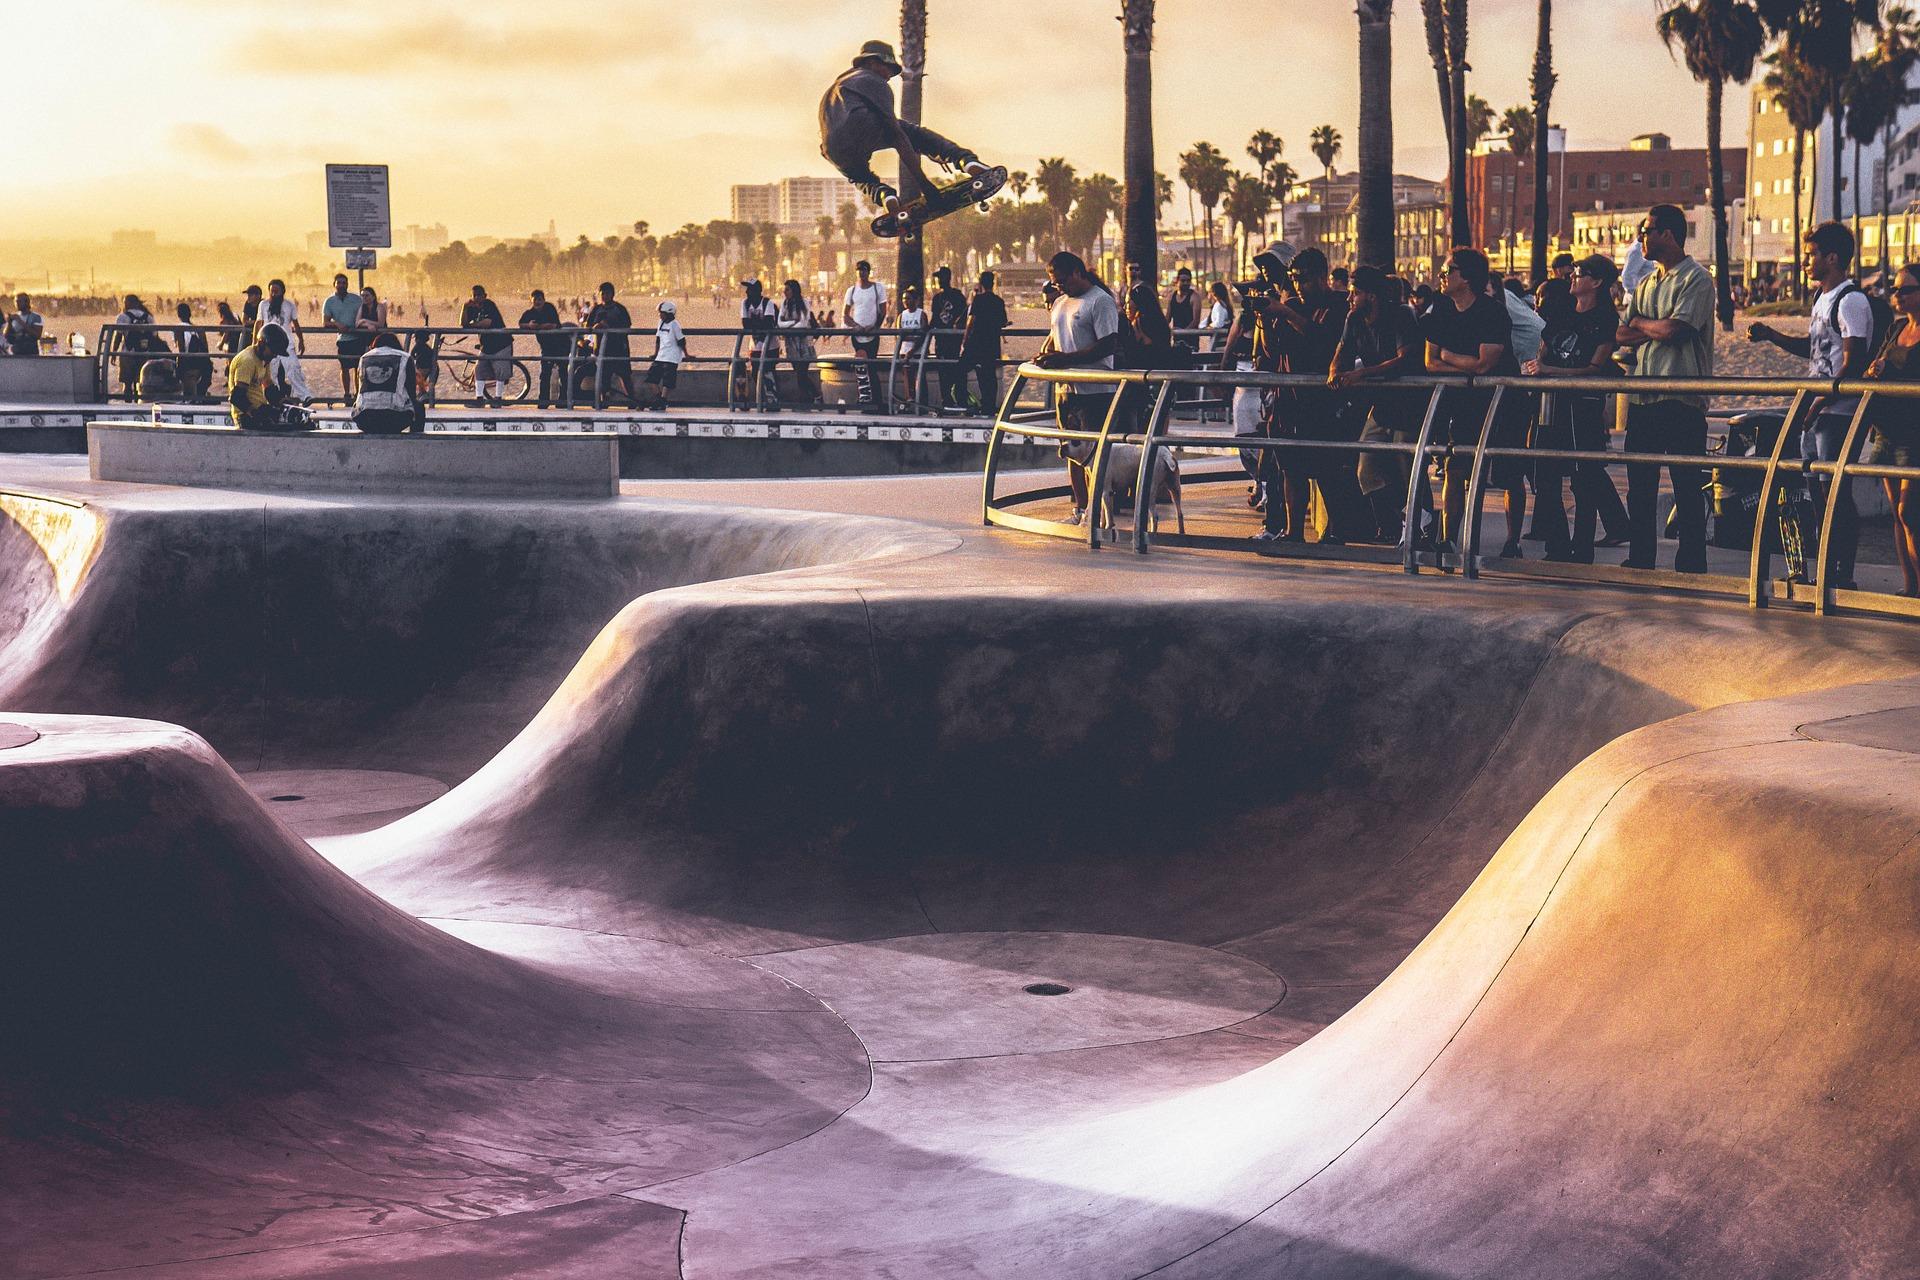 Кататься на коньках, скейтборд, Плаза, Парк, люди, риск, прыжок - Обои HD - Профессор falken.com